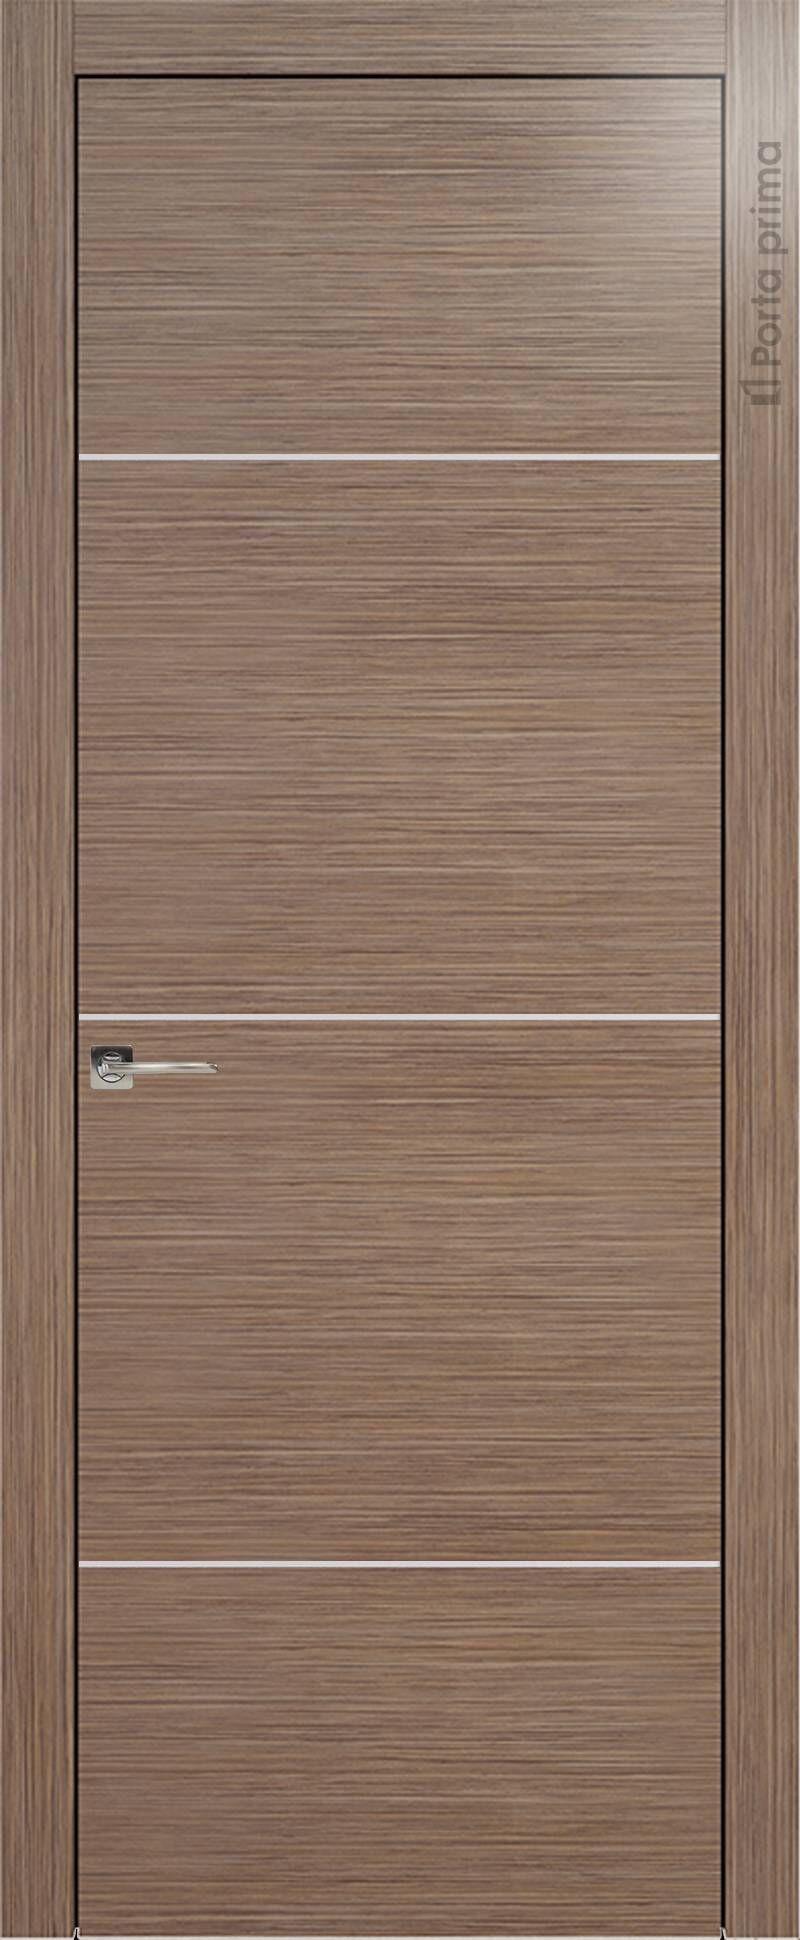 Tivoli Г-3 цвет - Орех Без стекла (ДГ)